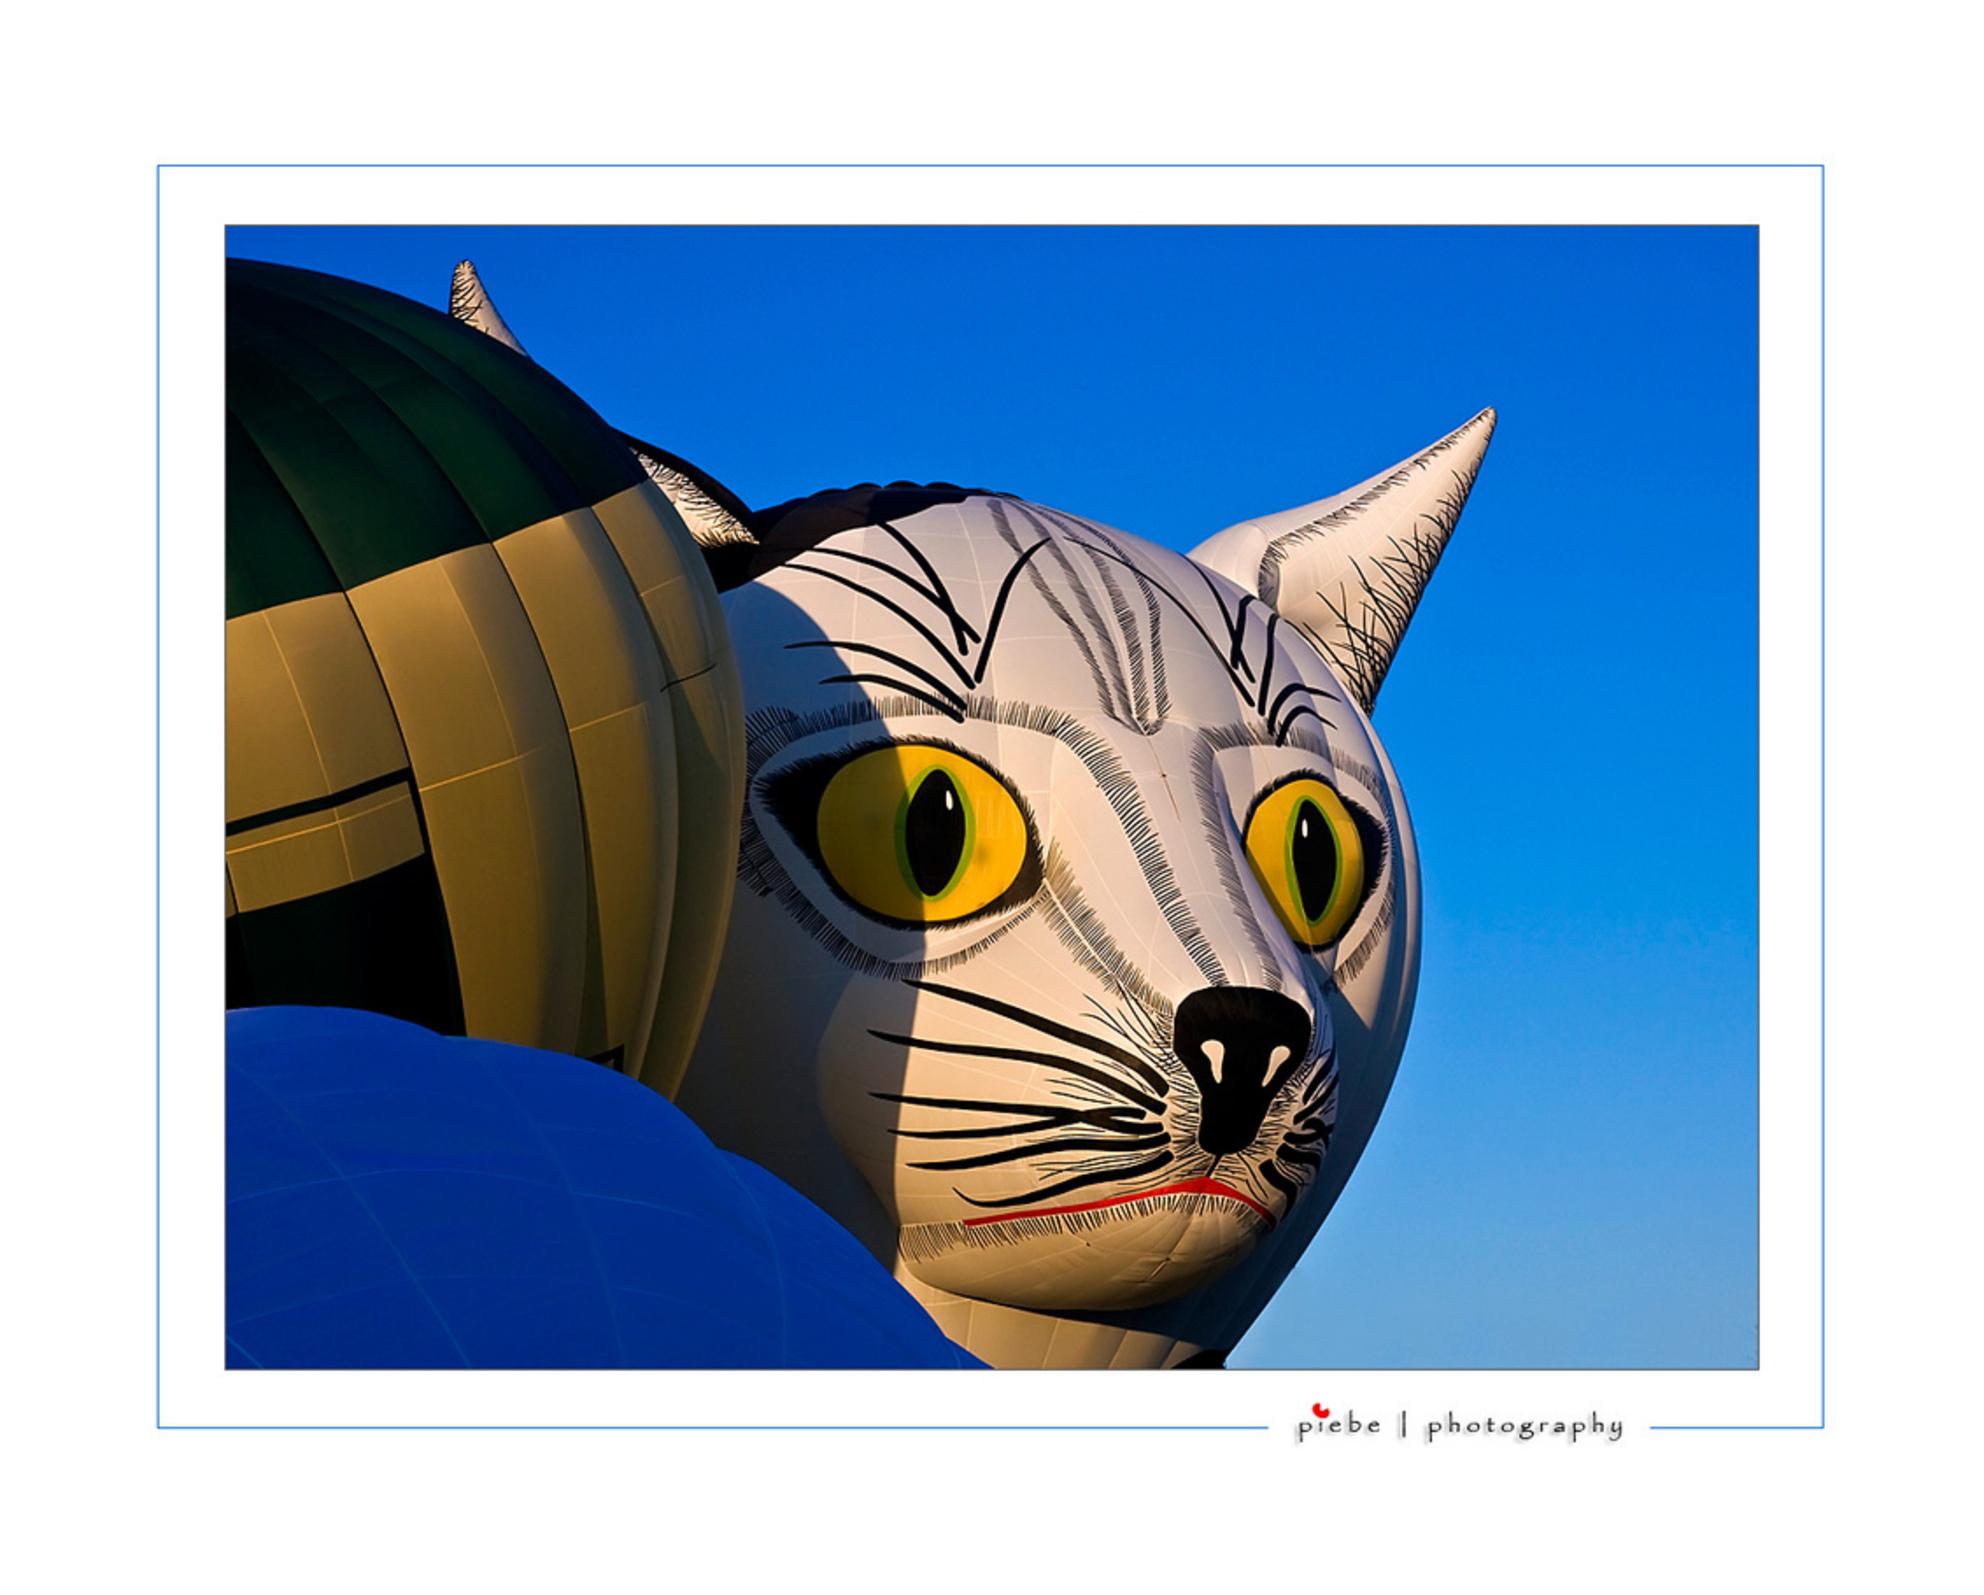 The cat's eyes - In Joure zijn er deze week ballonfeesten. Ze duren van 23 t/m 27 july. Er komen 35 ballonnen vanuit de gehele wereld, heel bijzonder zijn de zgn. spe - foto door Piebe op 25-07-2008 - deze foto bevat: kat, friesland, balon, joure, ballonfeesten - Deze foto mag gebruikt worden in een Zoom.nl publicatie